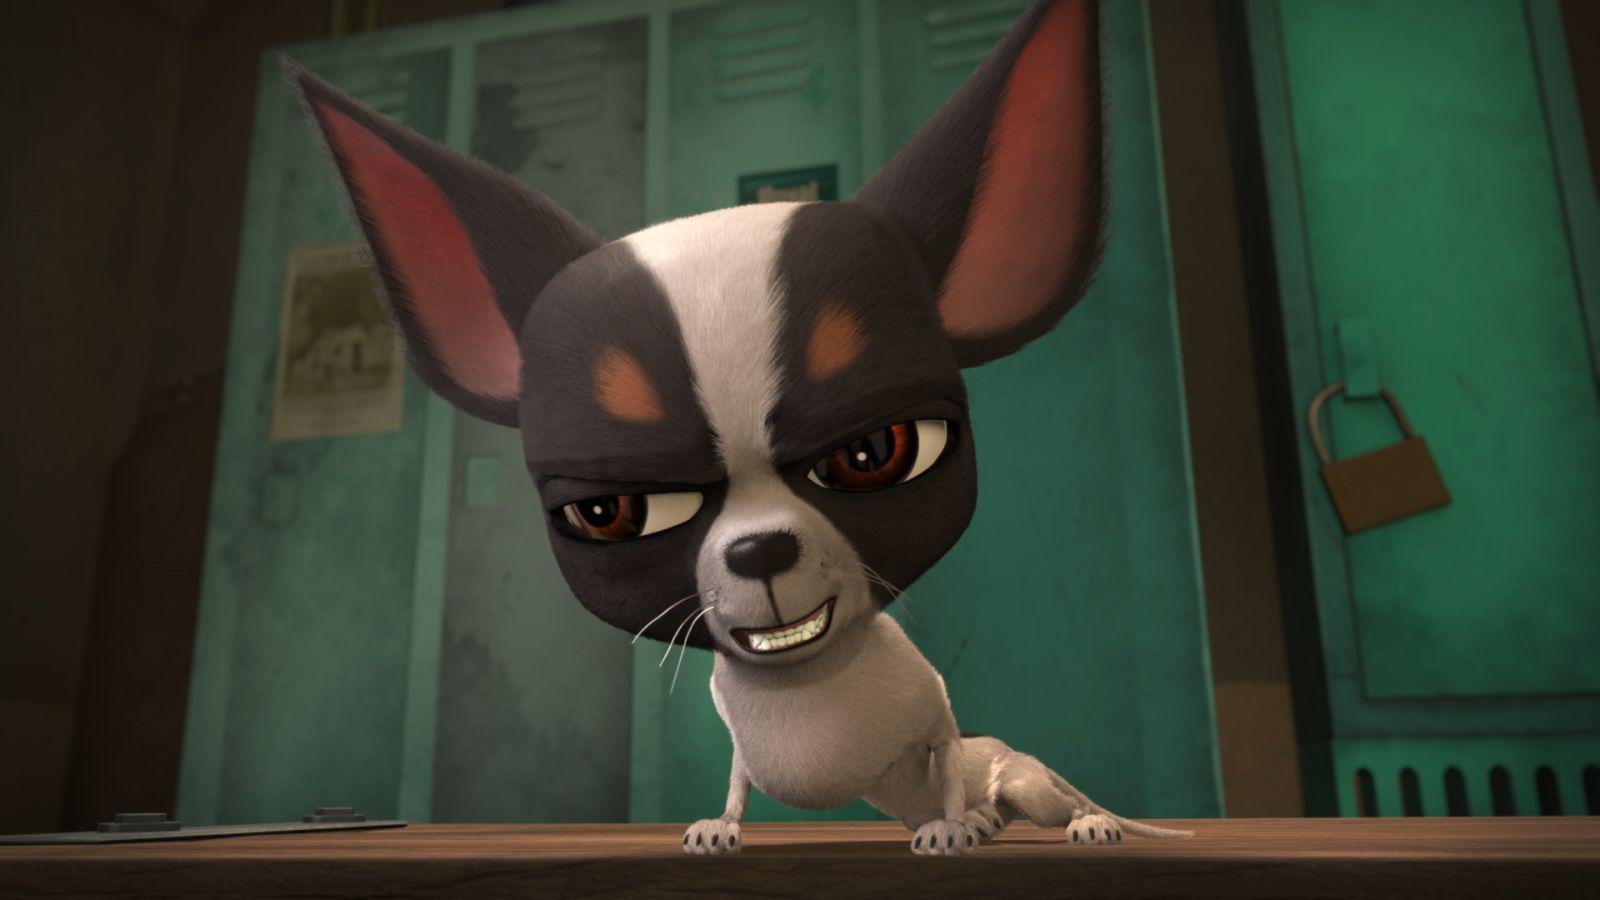 Ozzy - Cucciolo coraggioso: una scena del film animato